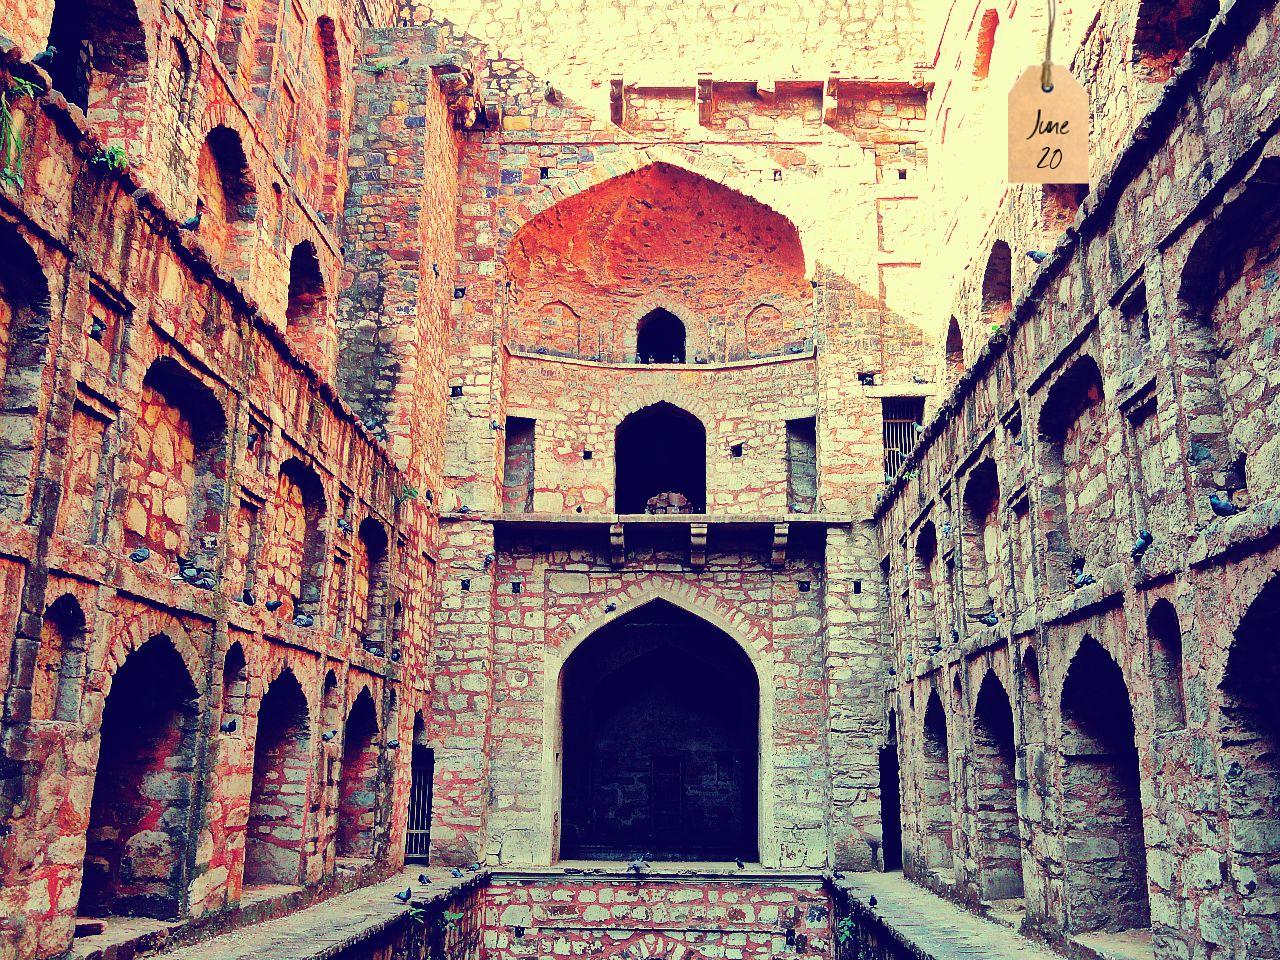 Agrasen Ki Baoli - Delhi Image